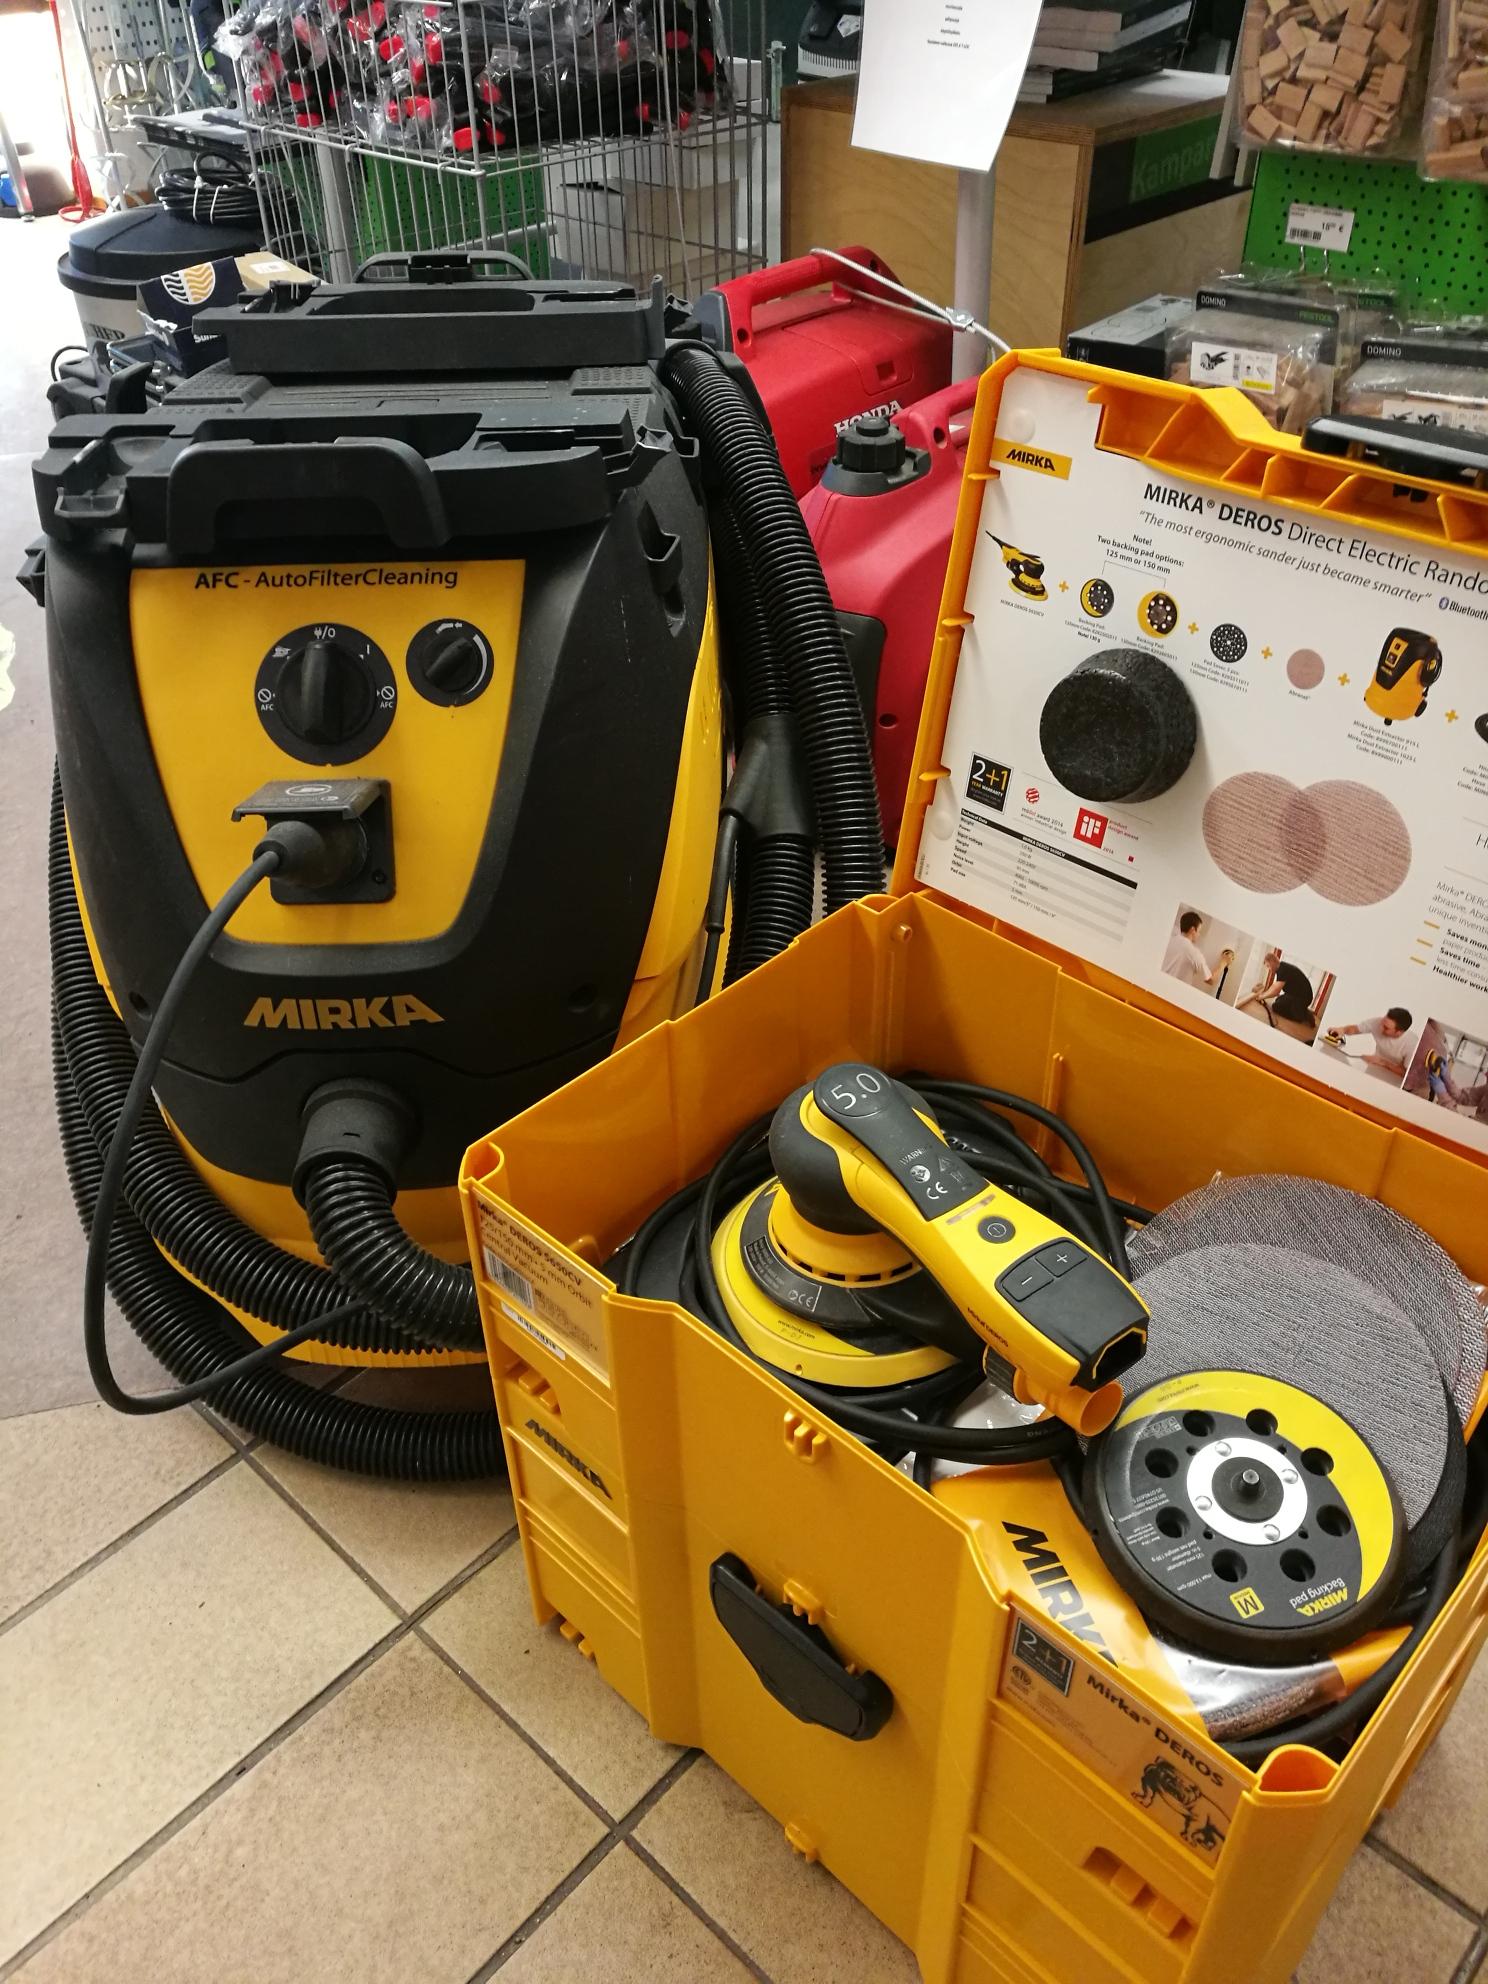 Mirka pölynimuri 1230 L PC 230V  Mirka tuotekoodi: 8999100111  EAN-koodi: 6416868904444  Ammattikäyttöön soveltuva L-luokan pölynimuri on varustettu tehokkaalla 1200 W:n moottorilla ja Push&Clean –toiminnolla. Imurin automaattinen käynnistystoiminta pidentää moottorin elinikää ja alentaa melutasoa. Letkujen ja johtojen kätevän säilytyksen sekä suurempien pyörien ansiosta pölynimurin liikuttelu sujuu vaivattomasti. Tasainen yläosa mahdollistaa yhden tai useamman salkun kiinnittämisen imurin päälle (kiinnikkeet myydään erikseen). Sis. pölypussin, ei pölynpoistoletkua.  Mirka DEROS 550CV 125mm pölynpoisto 5,0  Mirka tuotekoodi: MID5502022  EAN-koodi: 6416868241518  Sähkökäyttöinen epäkeskohiomakone on kehitetty kaiken tyyppisten pintojen tehokkaaseen ja pölyttömään hiontaan. Päivitetyssä koneessa uusina, älykkäinä ominaisuuksina integroitu tärinäsensori sekä Bluetooth-liitettävyys. Markkinoiden kevyin ja ergonomisin hiomakone on varustettu harjattomalla moottorilla, jonka teho ei laske raskaassakaan kuormituksessa. Luokkansa alhaisimmat tärinäarvot sekä ainutlaatuinen symmetrinen muotoilu takaavat että konetta voidaan käyttää pitkiäkin työjaksoja väsymättä.